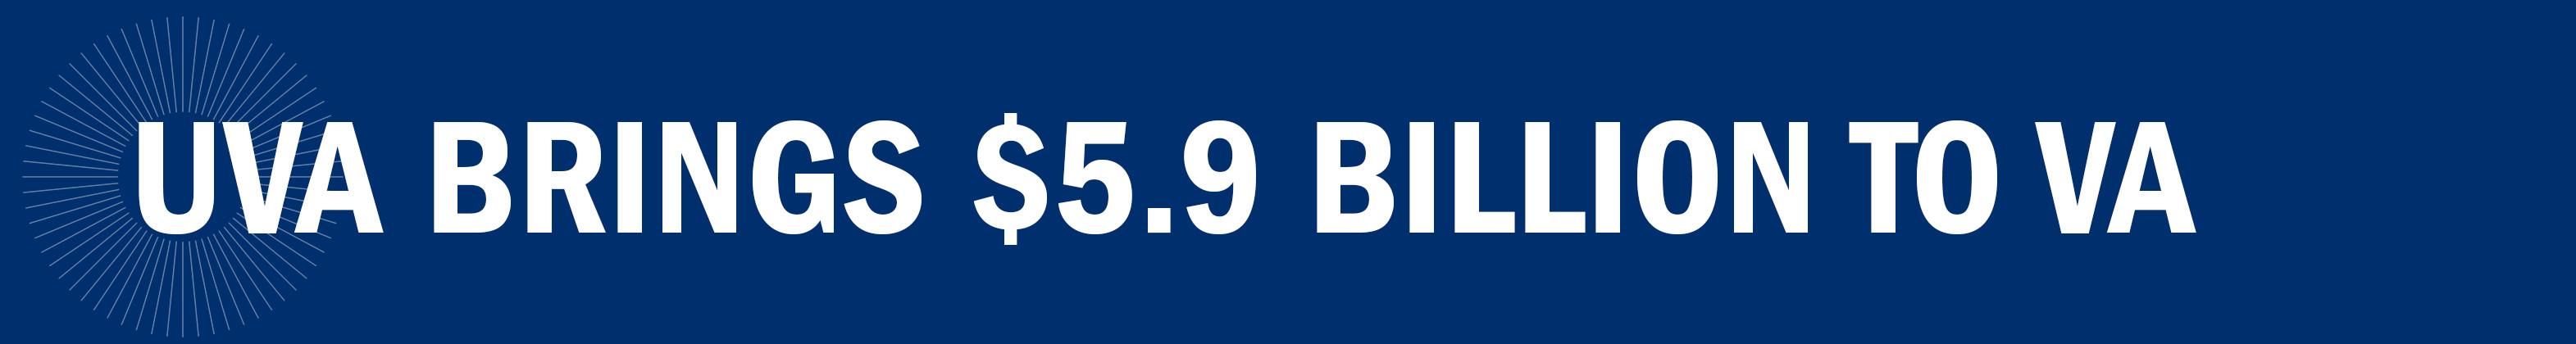 UVA BRINGS $5.9 BILLION TO VA